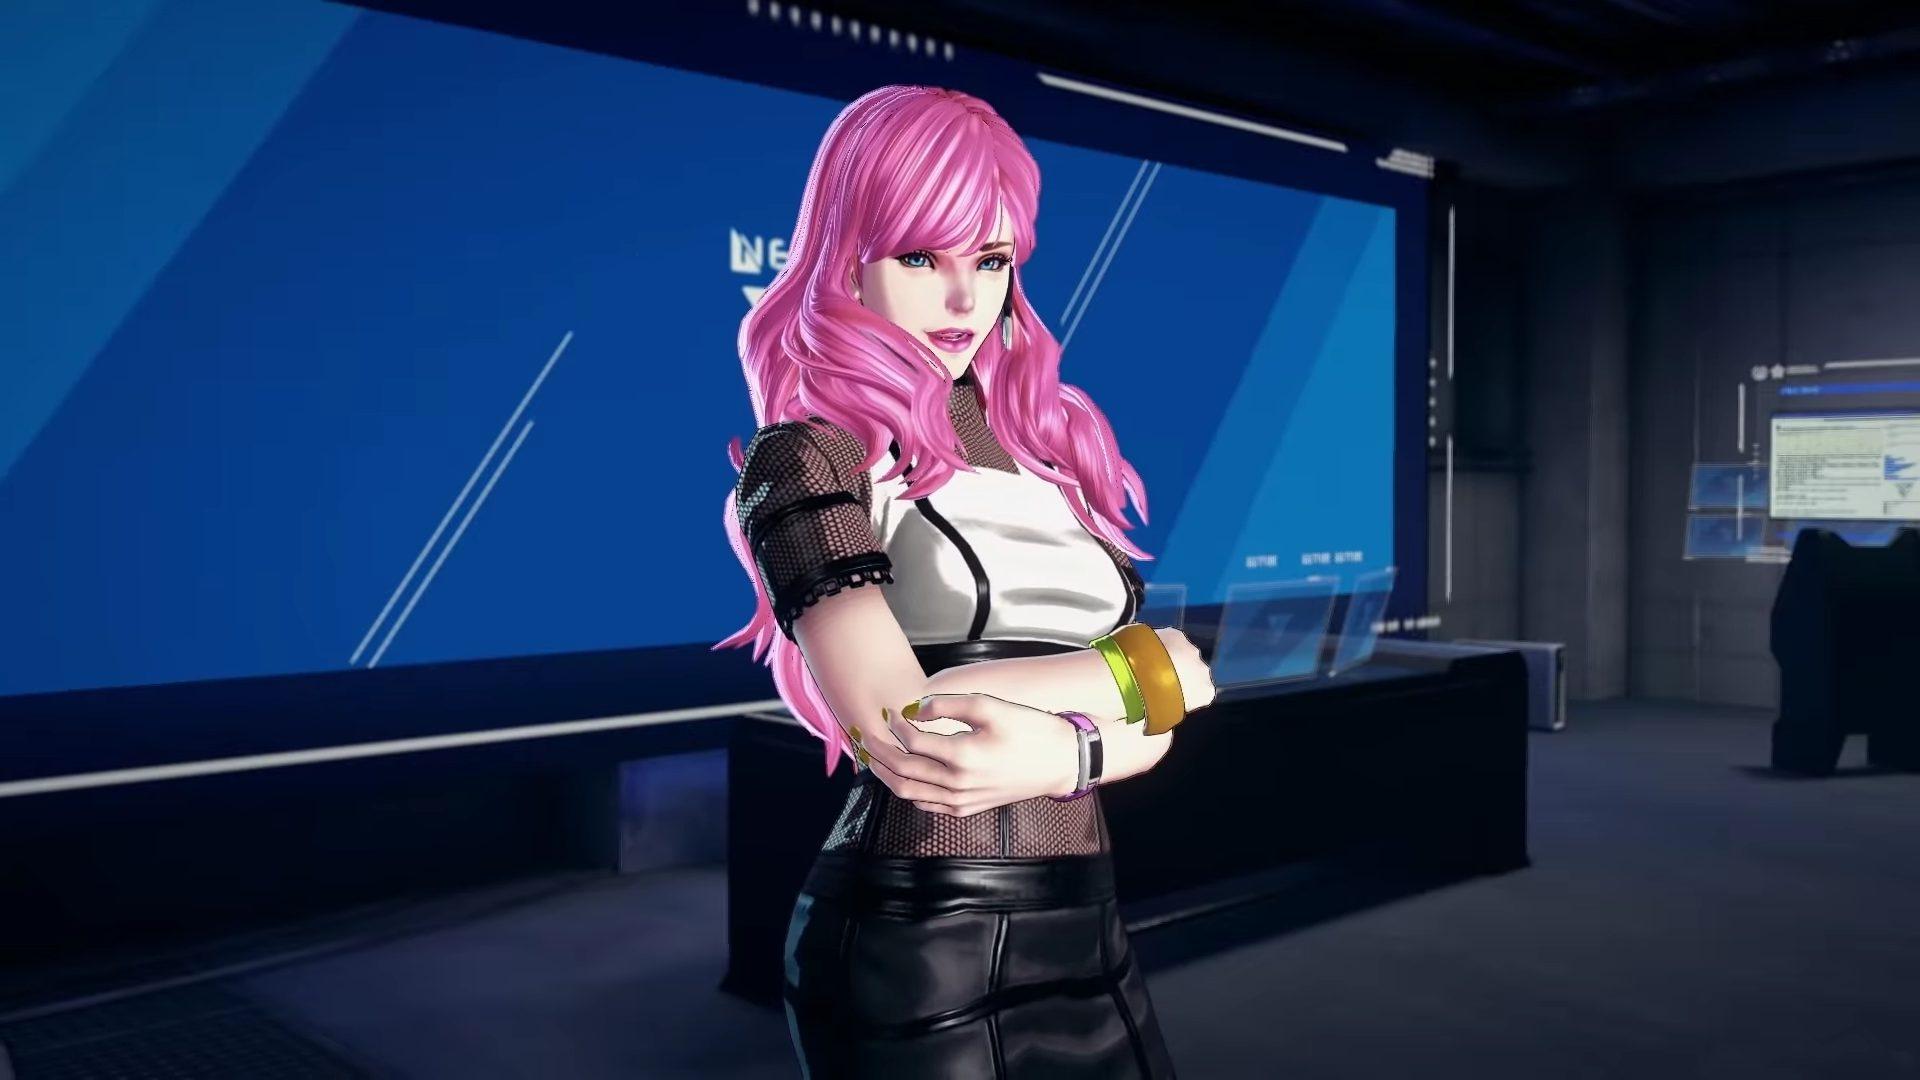 4X9GJBC 1 - 【悲報】プラチナゲームズの新作、面白そうなのに話題にならない